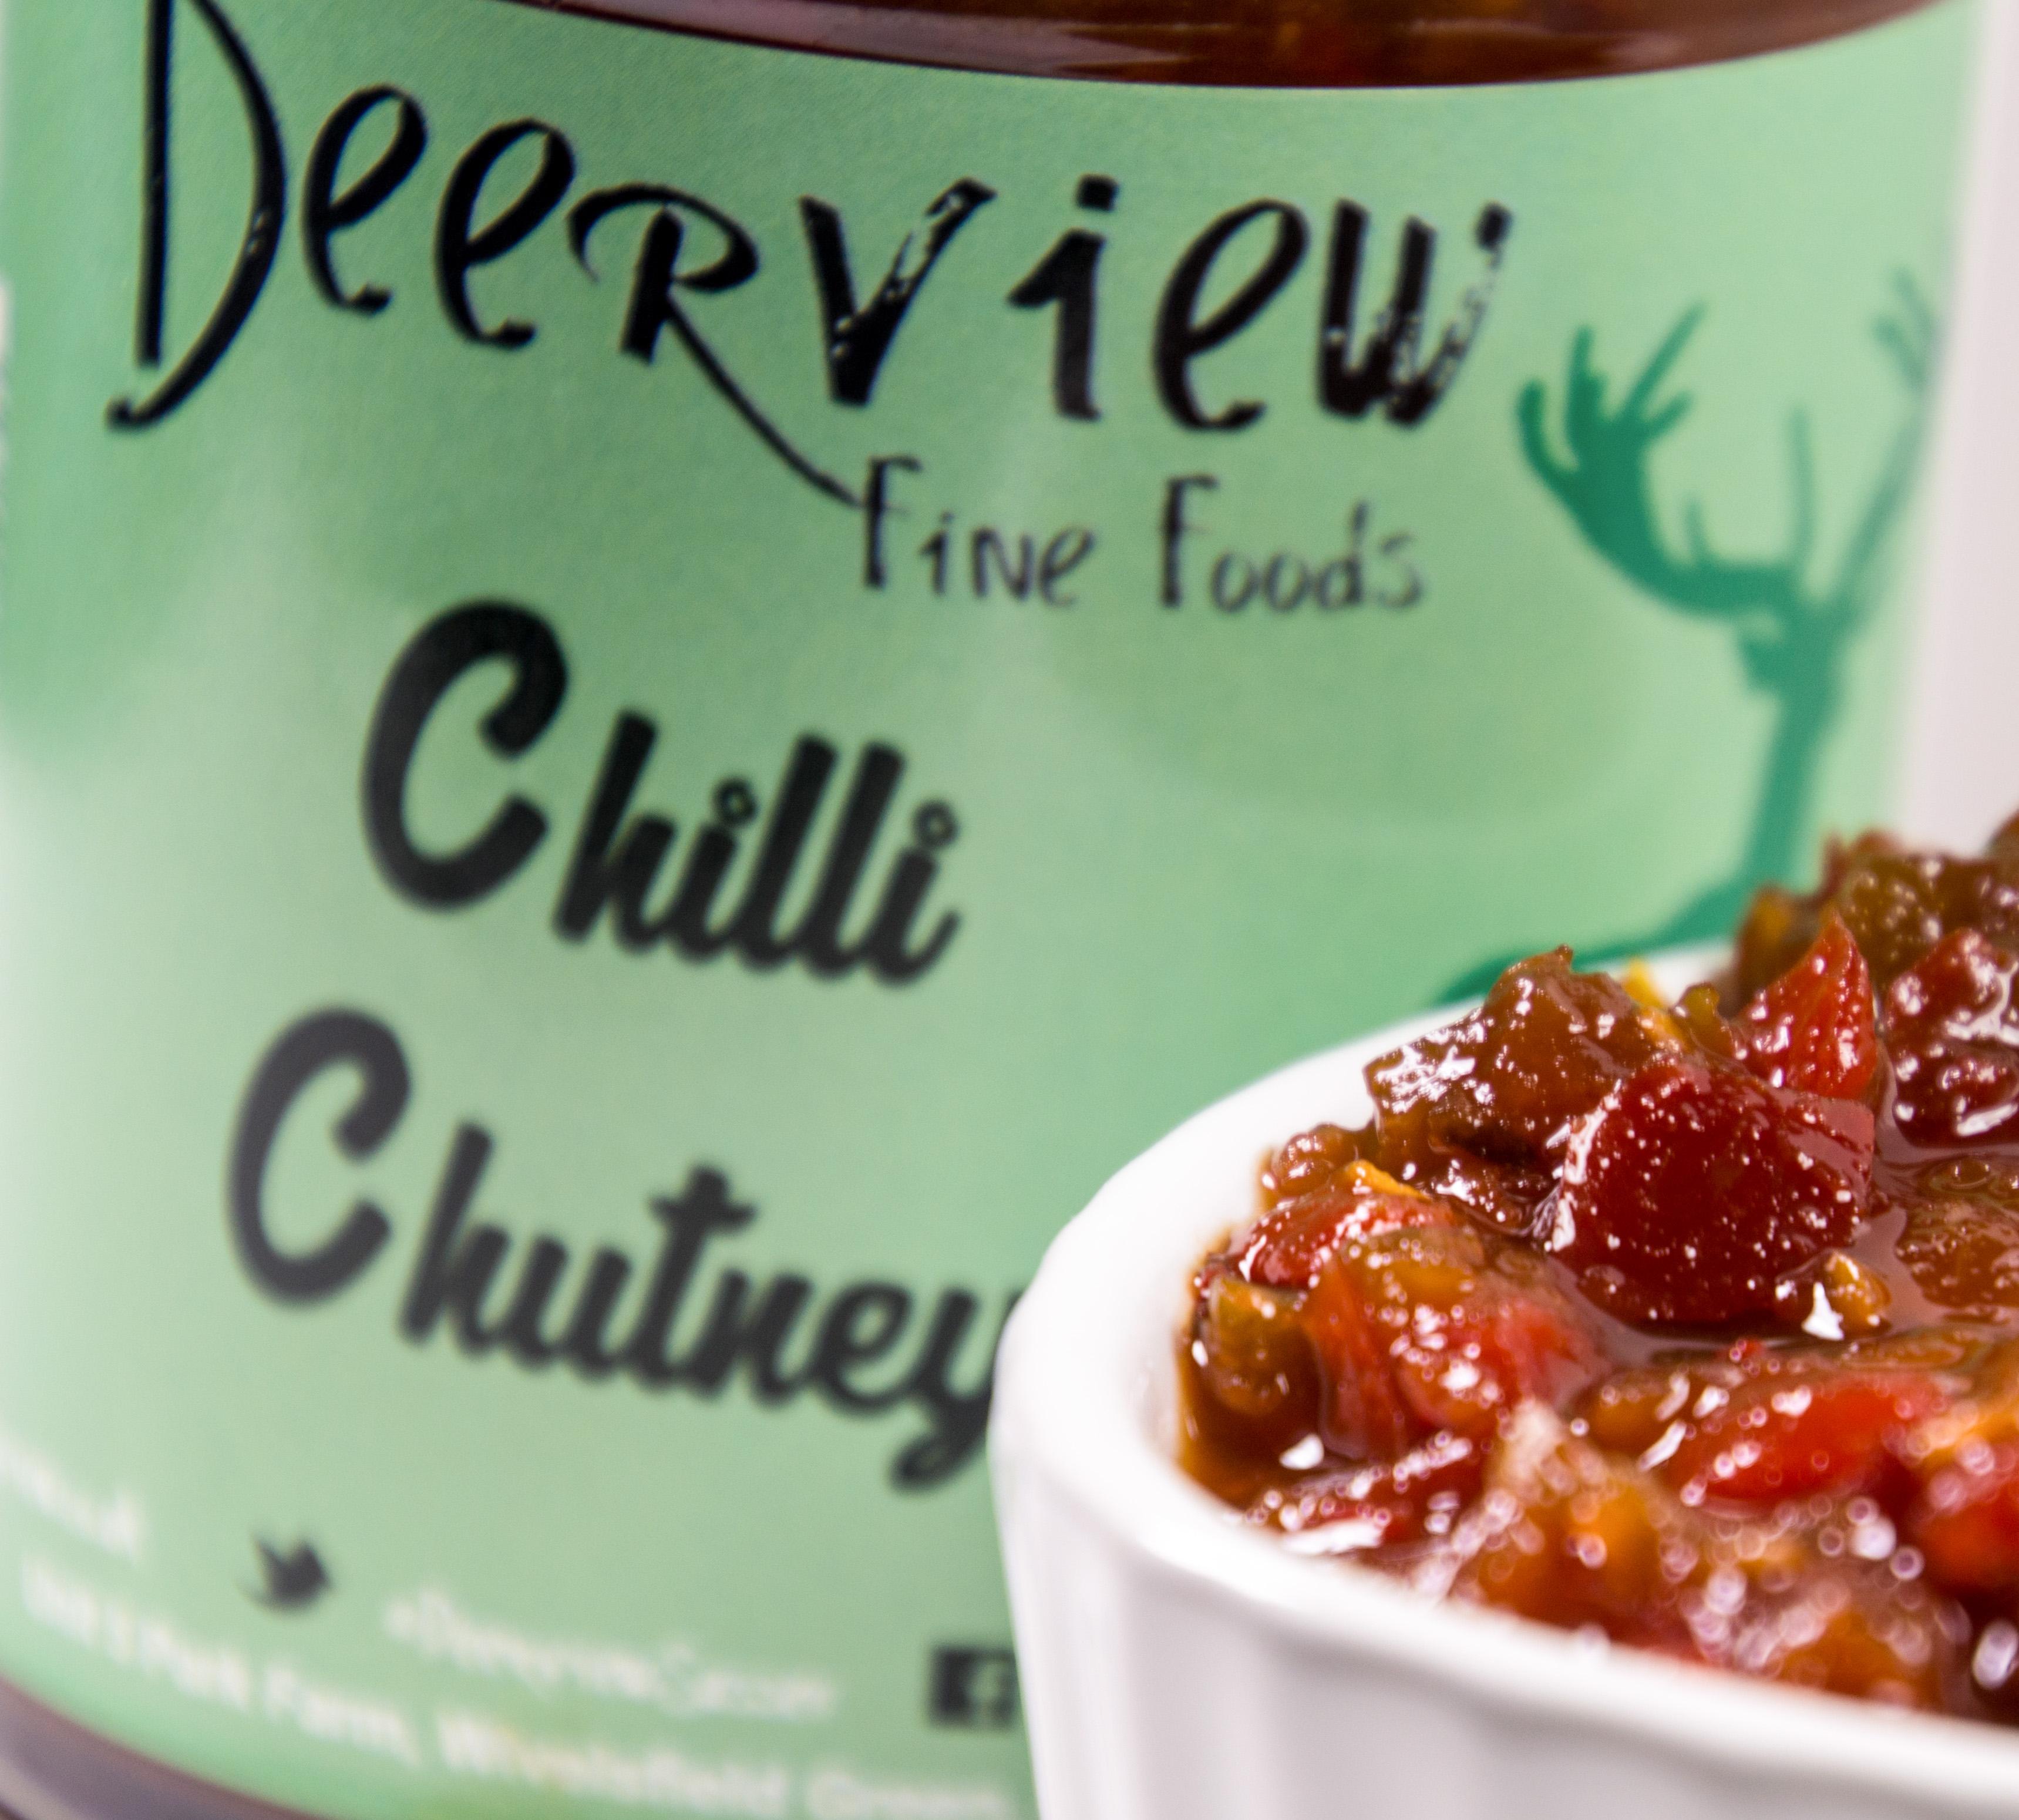 Deerview Fine Foods Chilli Chutney